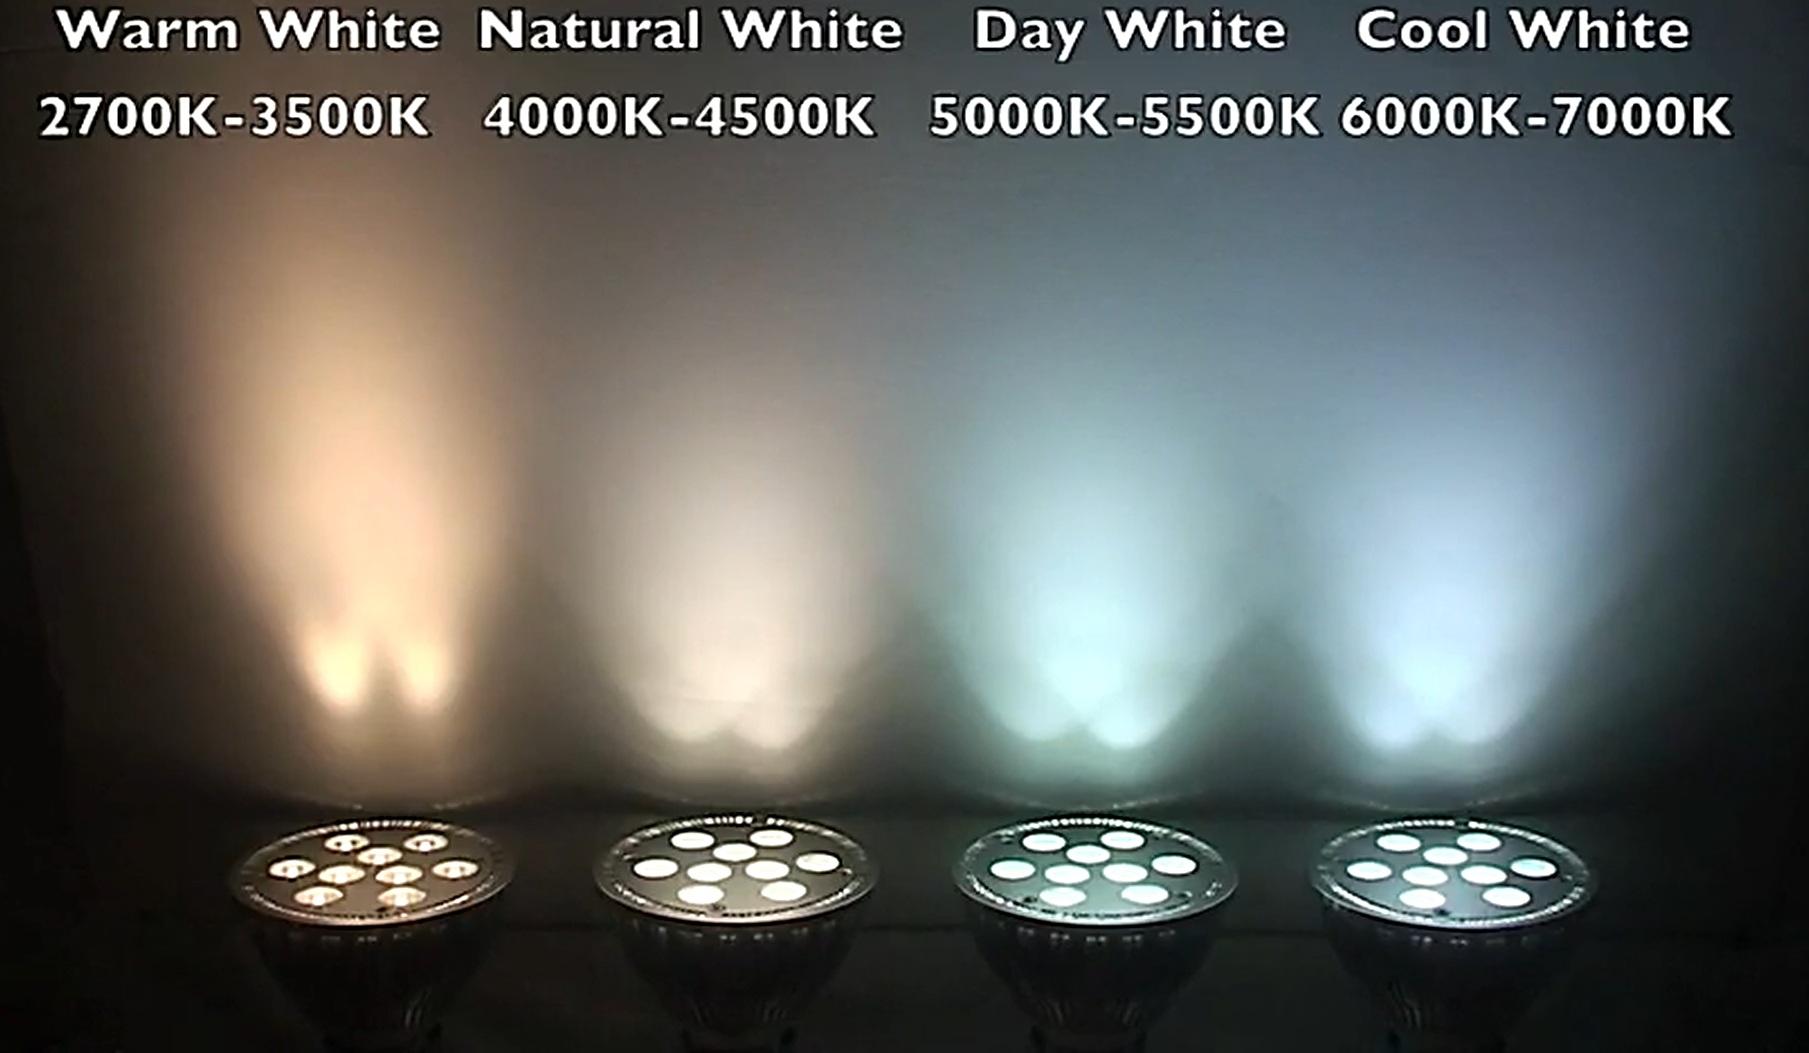 выбрали как определить какой свет нужен в фотографии повреждении цилиндра